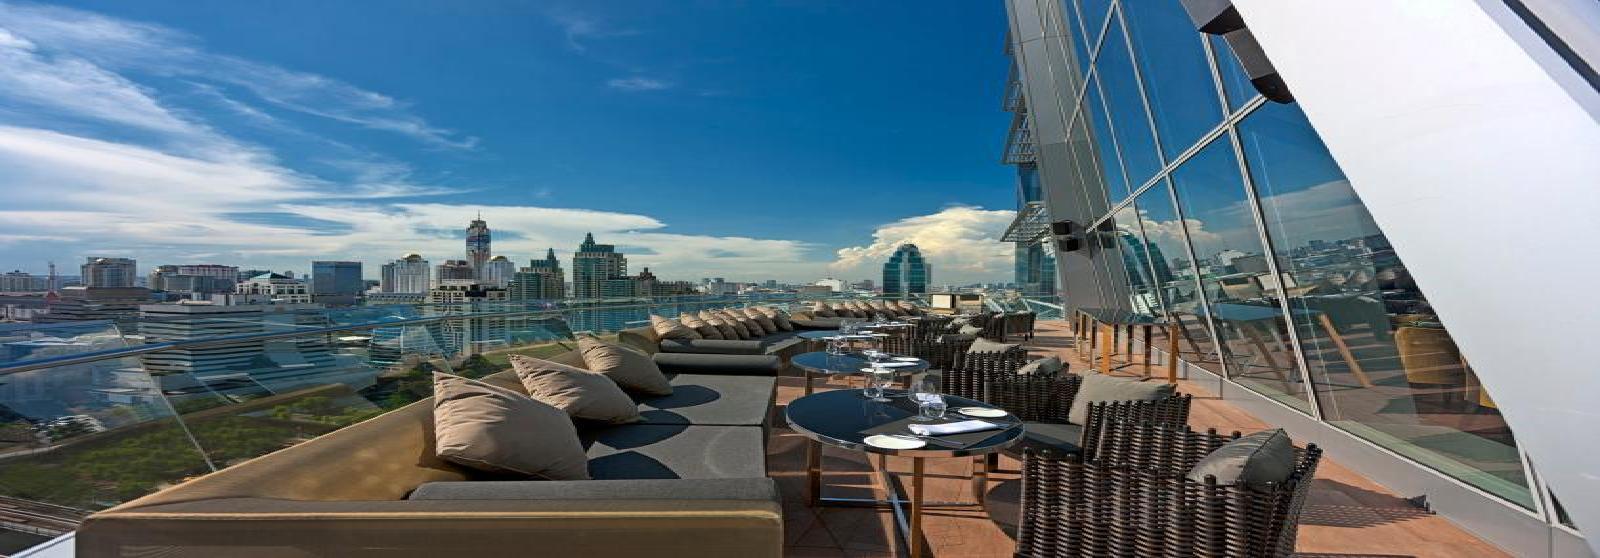 曼谷大仓新颐酒店(The Okura Prestige Bangkok) 图片  www.lhw.cn